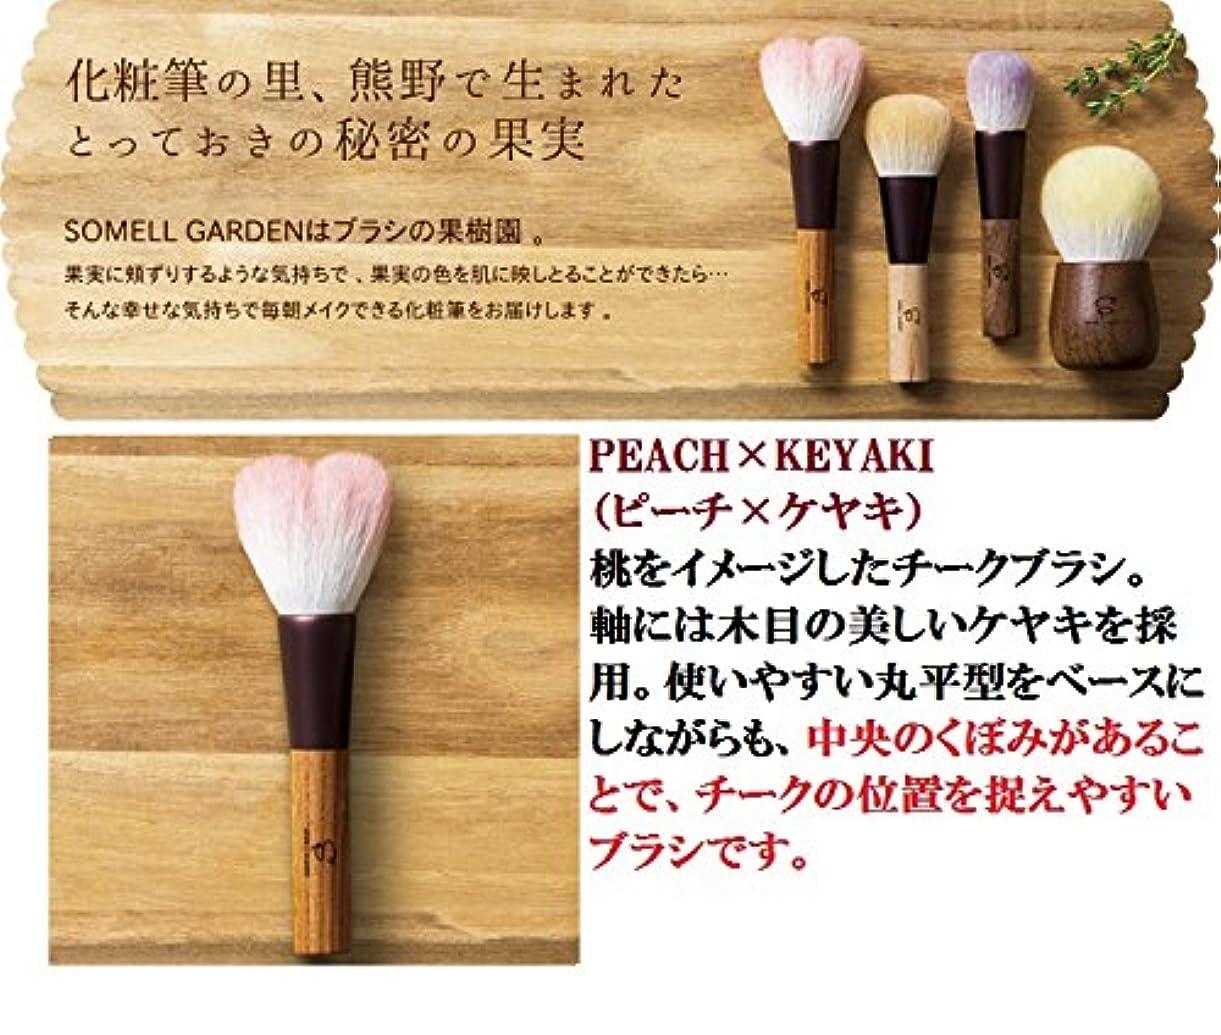 ご意見啓発するトラップ広島県 熊野化粧筆 SOMELL GARDEN ブラシシリーズ (ピーチ×ケヤキ)